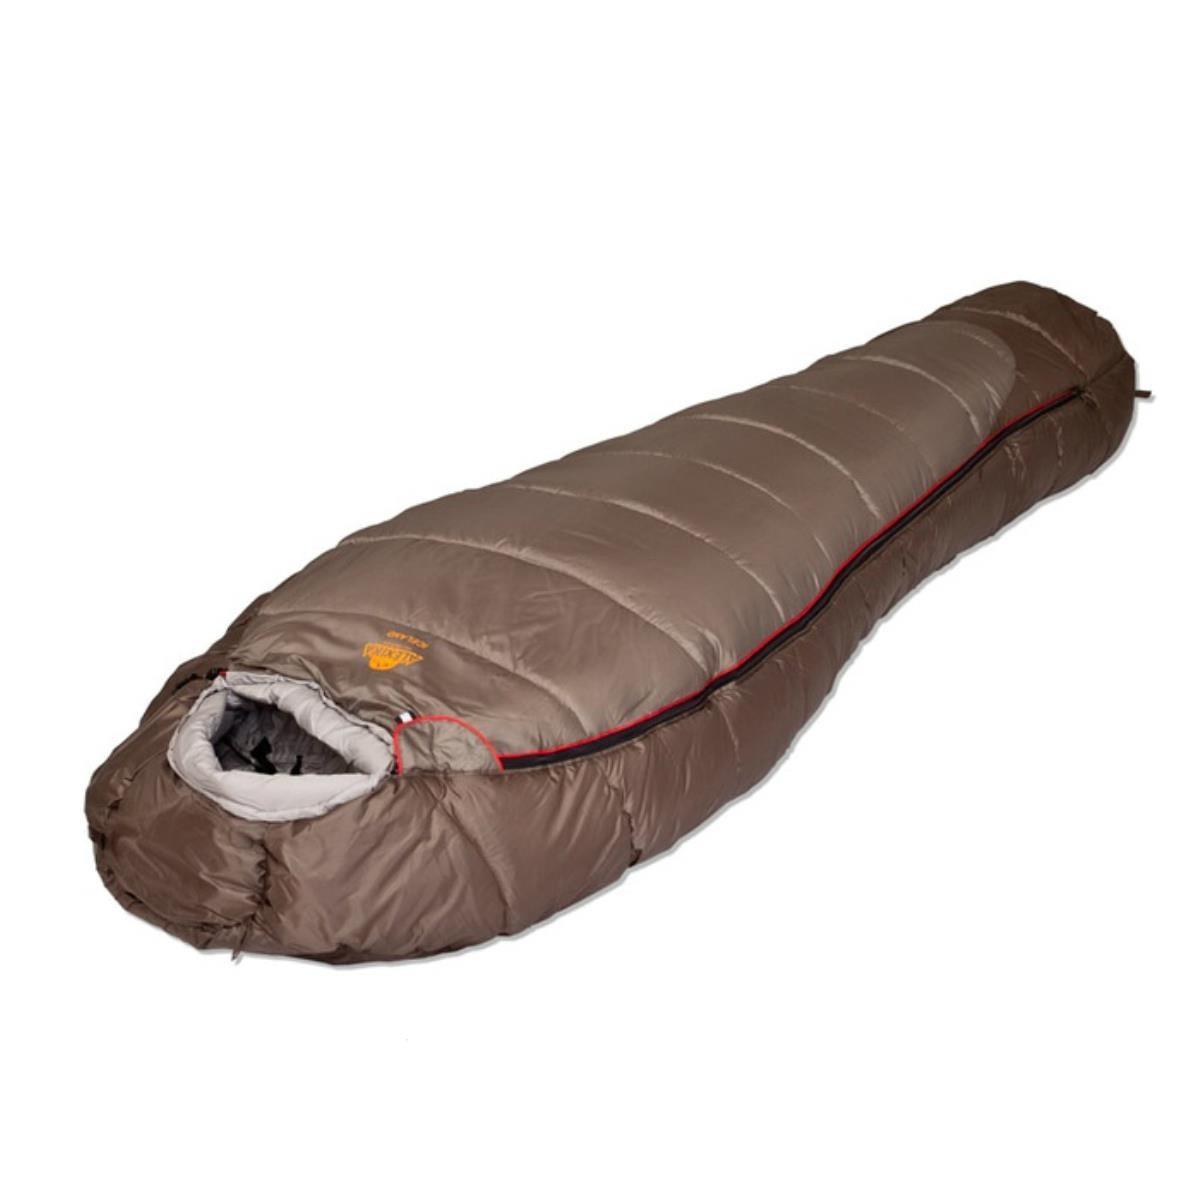 Спальный мешок Alexika Iceland коричневый, правый